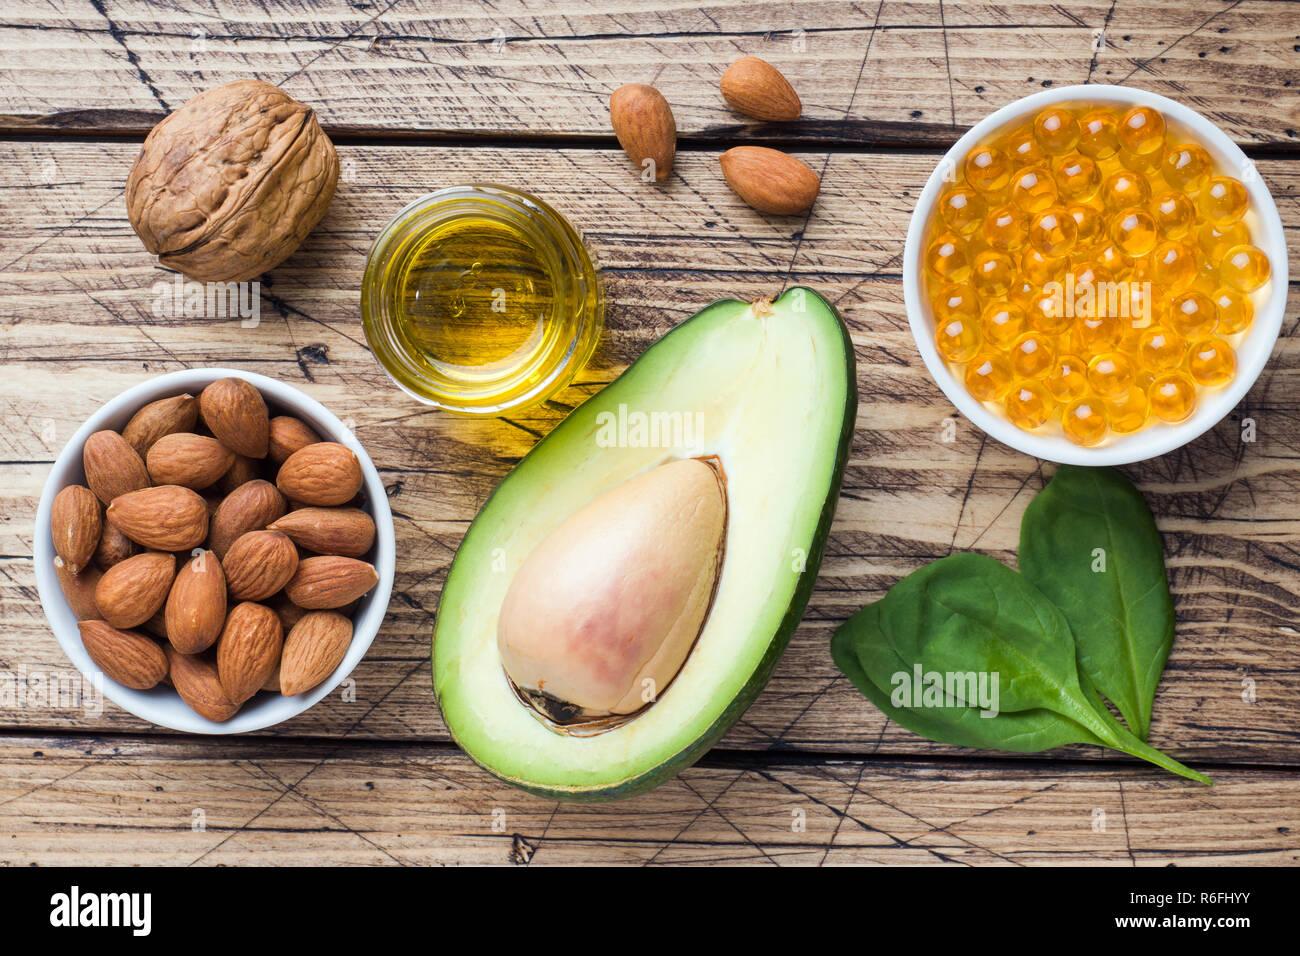 Concepto de alimentos saludables productos antioxidantes aguacate, nueces y aceite de pescado, pomelo, sobre fondo de madera Imagen De Stock